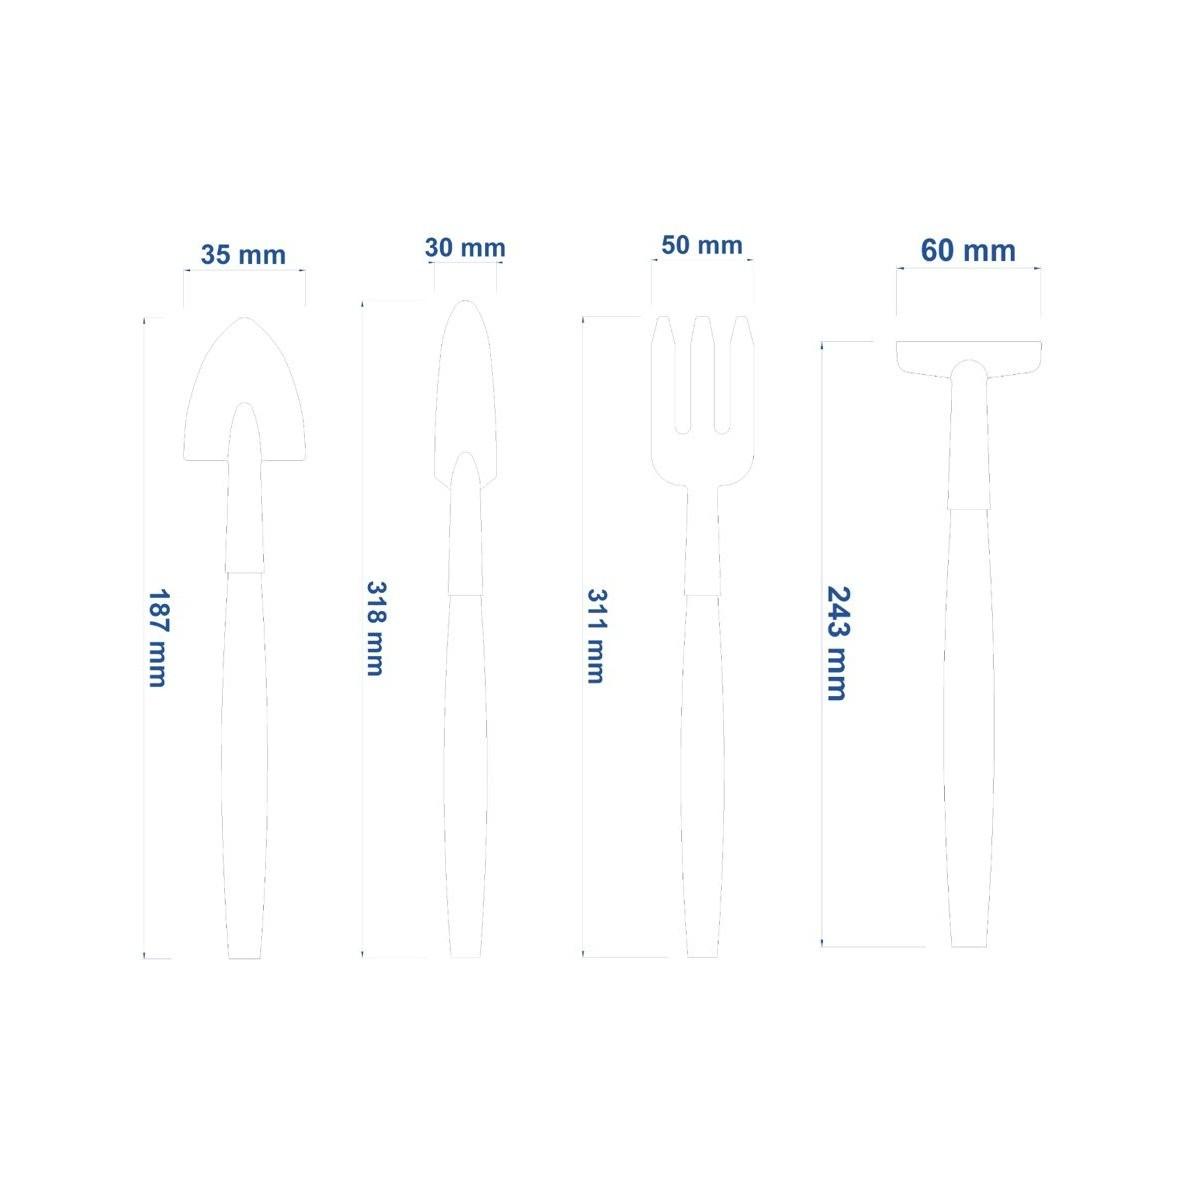 Conjunto de ferramentas para vasos 4 peças, cabos de madeira, embalagem plástica Cód. 78104801